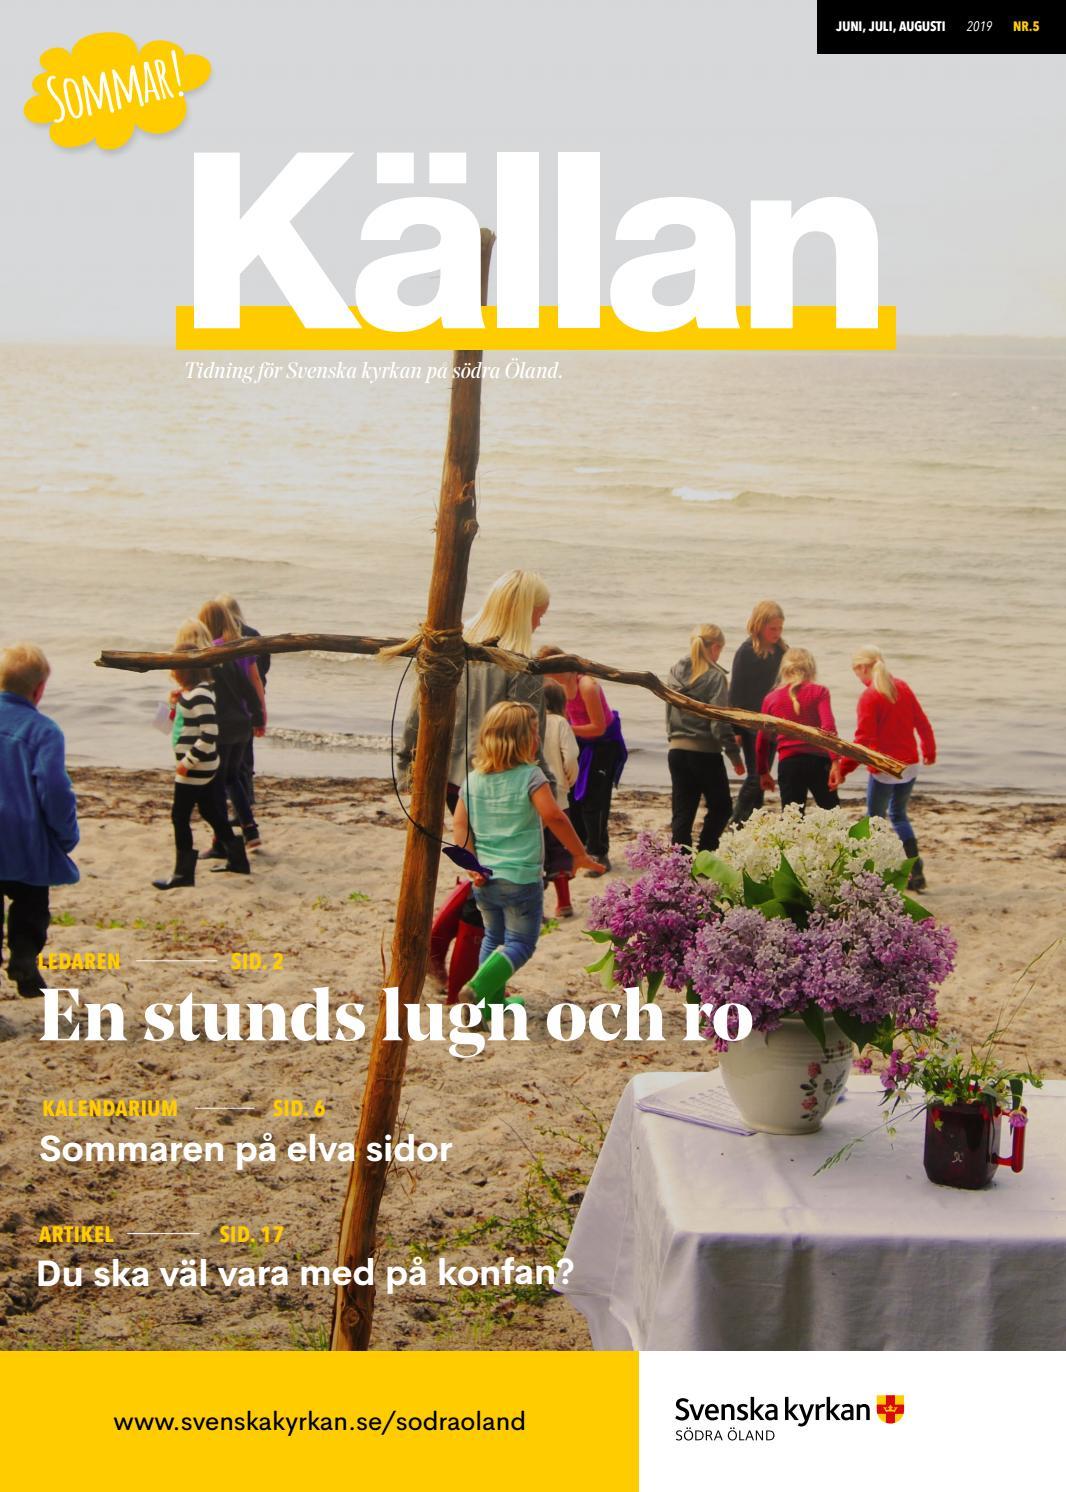 Mellstaby 308 Kalmar ln, Degerhamn - omr-scanner.net